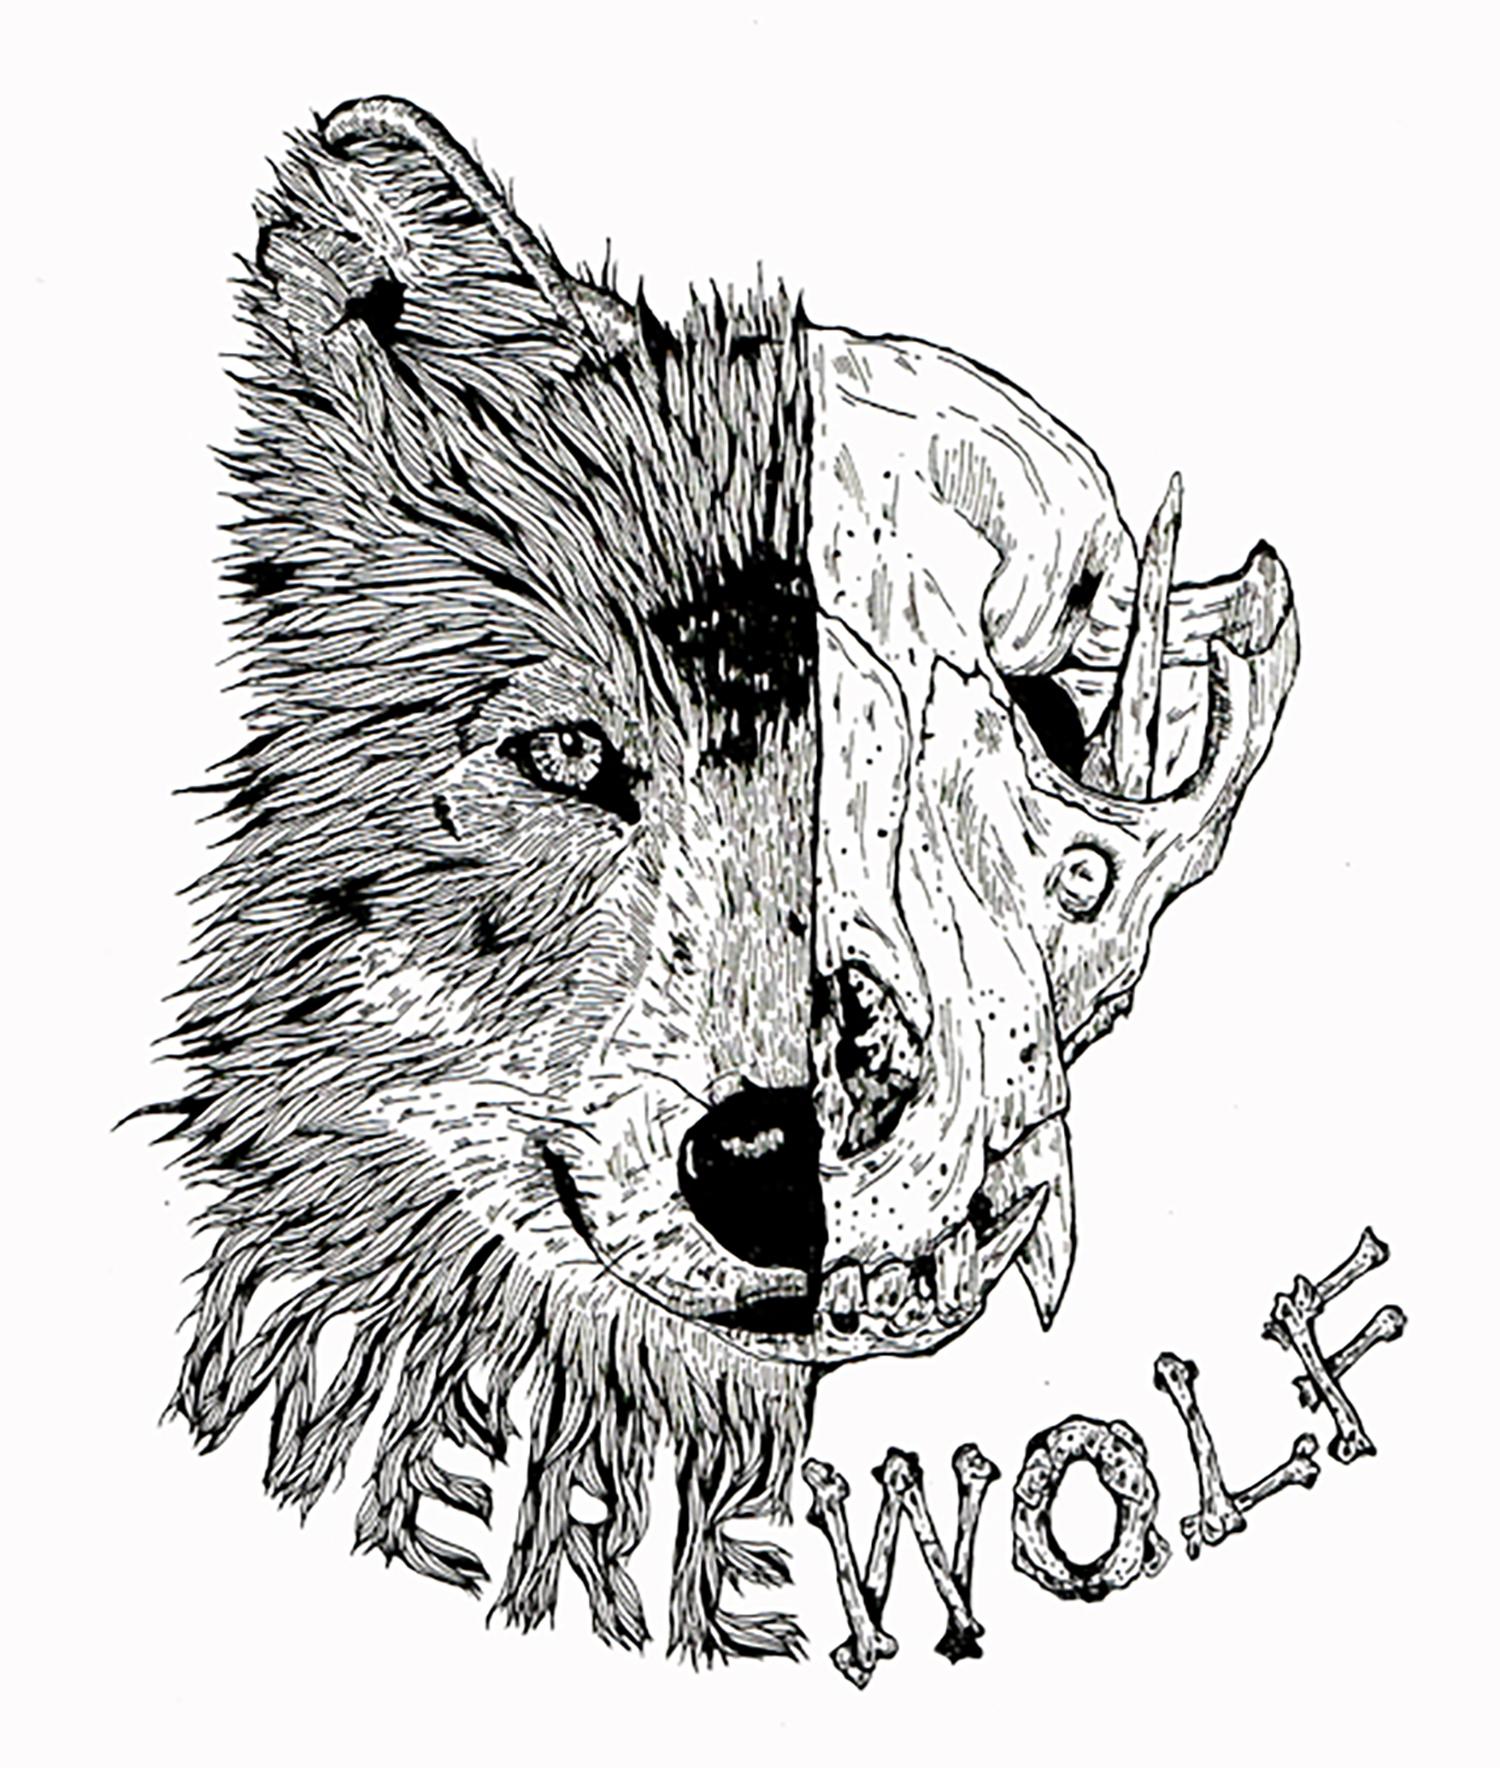 57c695f023bf505b1929ca20_werewolf-zeek